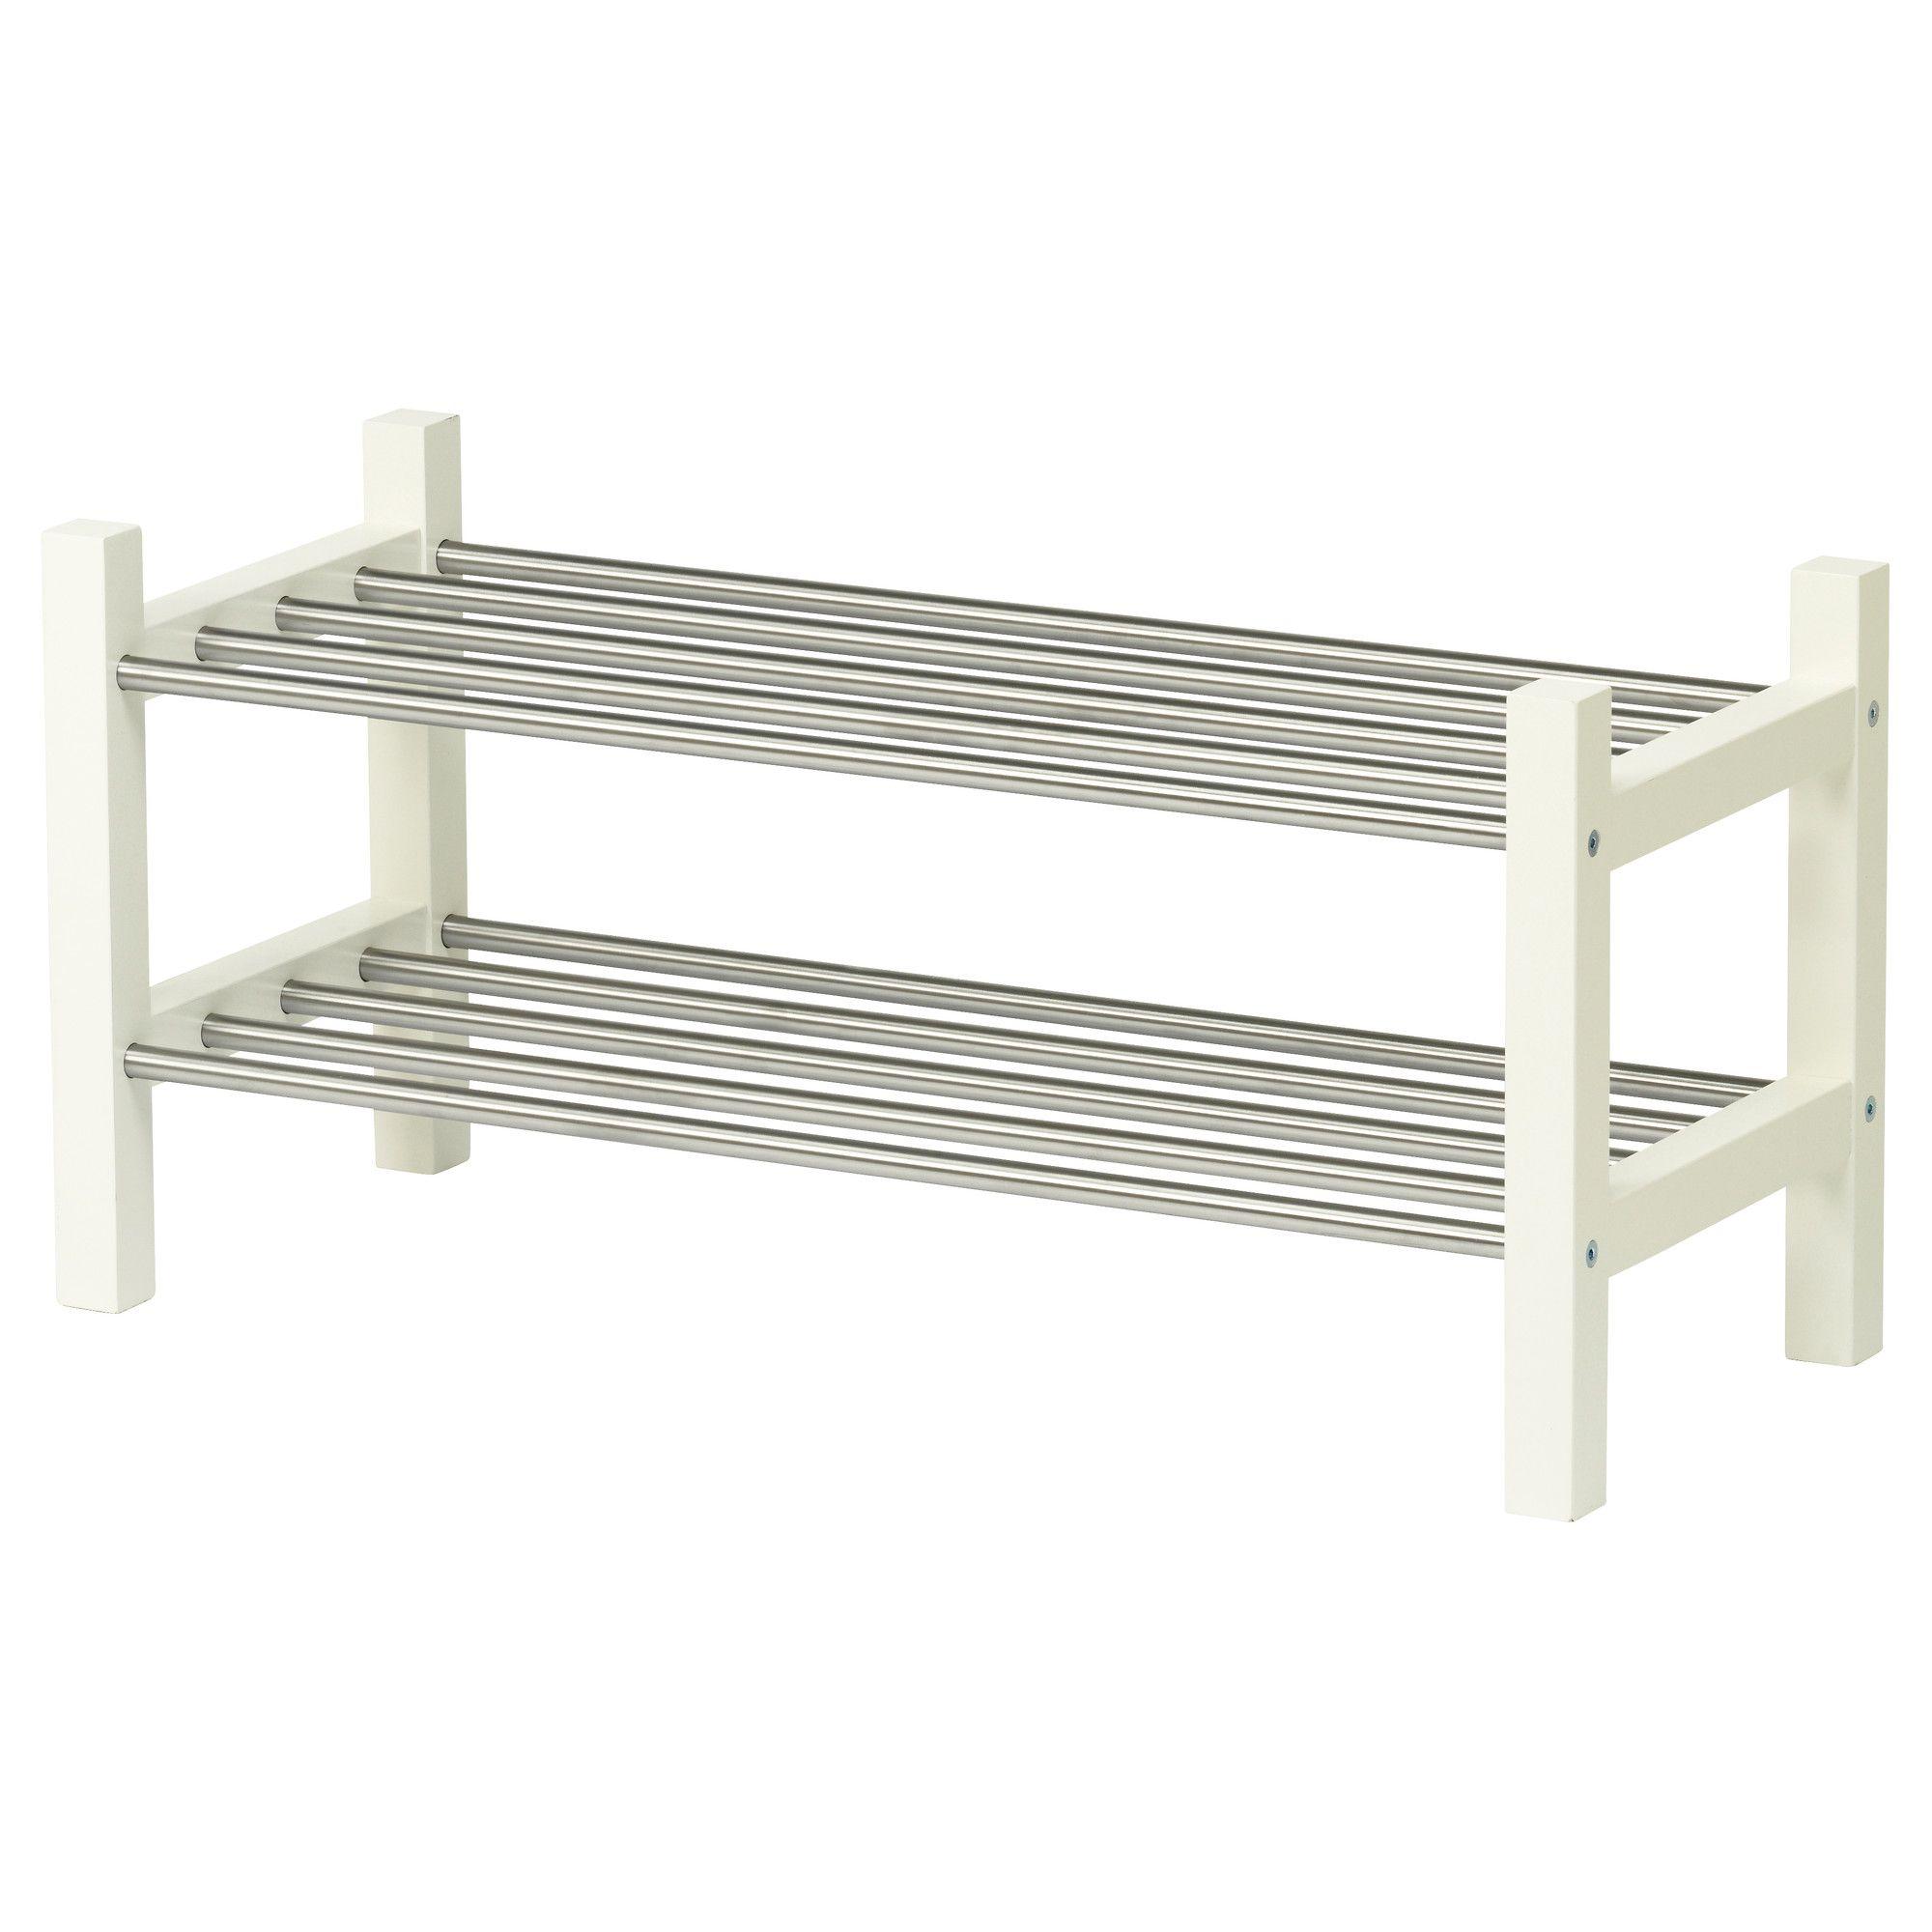 Tjusig Estante Zapatero Blanco Ikea Ikea Pinterest  # Como Limpiar Muebles Niquelados